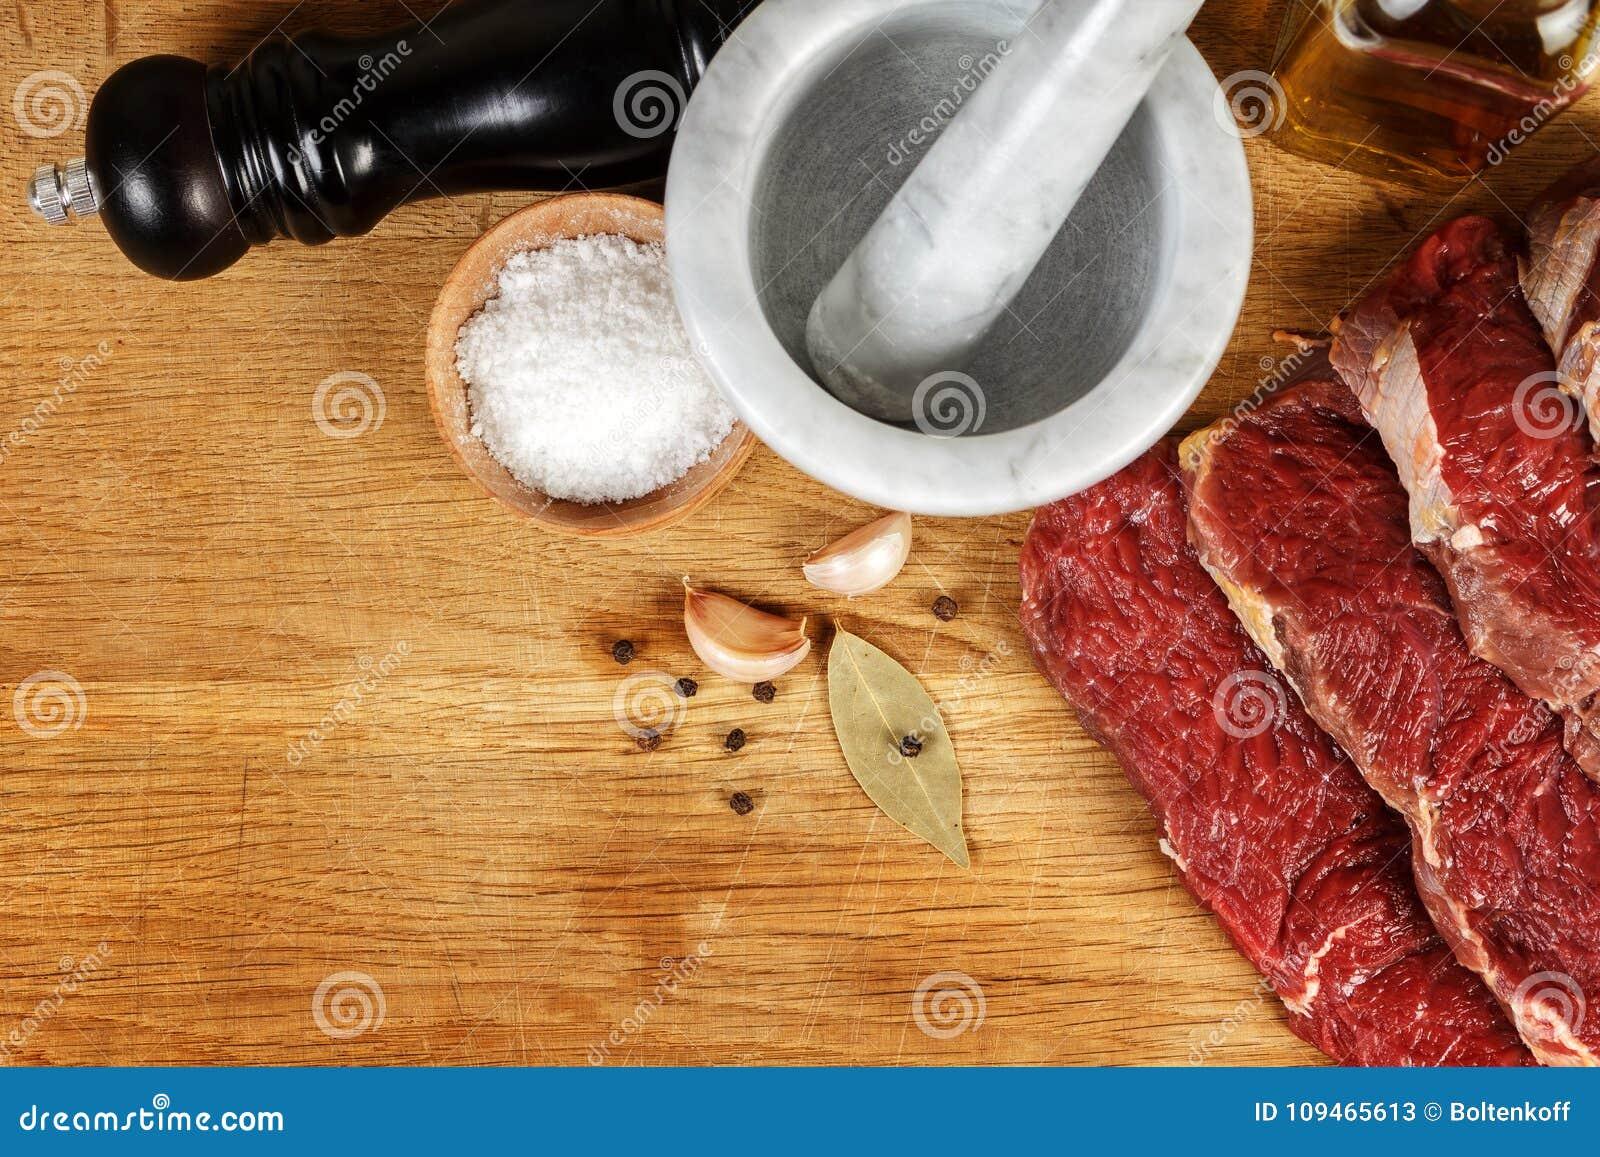 Nytt kött med kryddor på träbräde